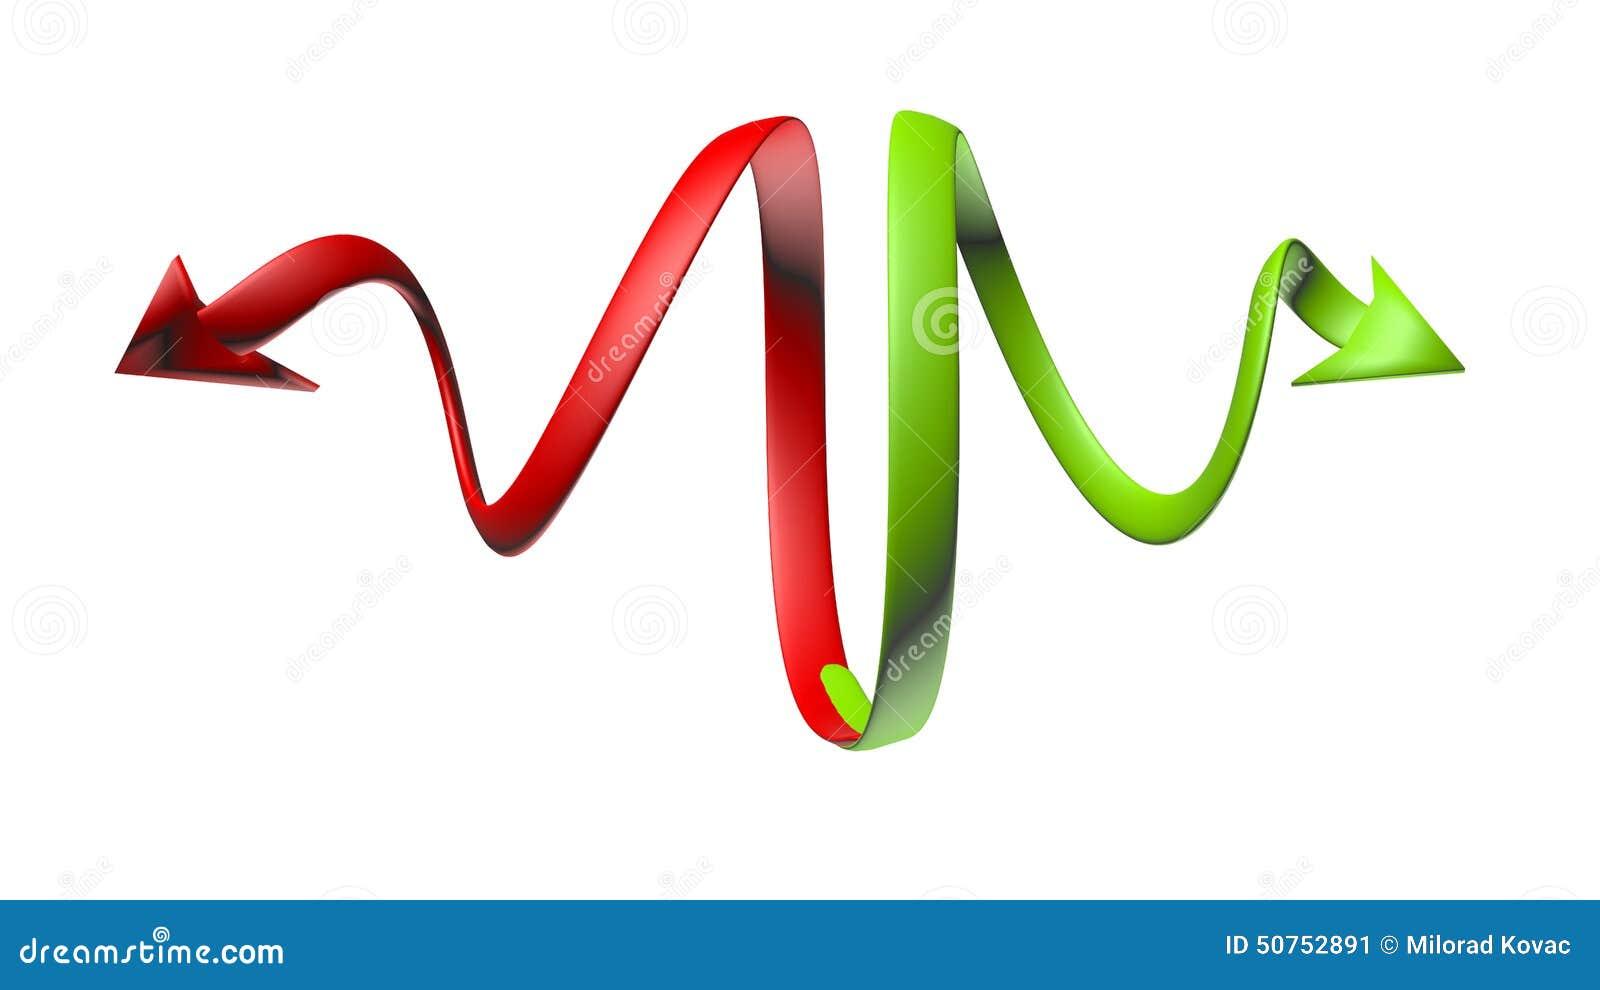 Curvar flechas verdes y rojas con un aspecto 3D